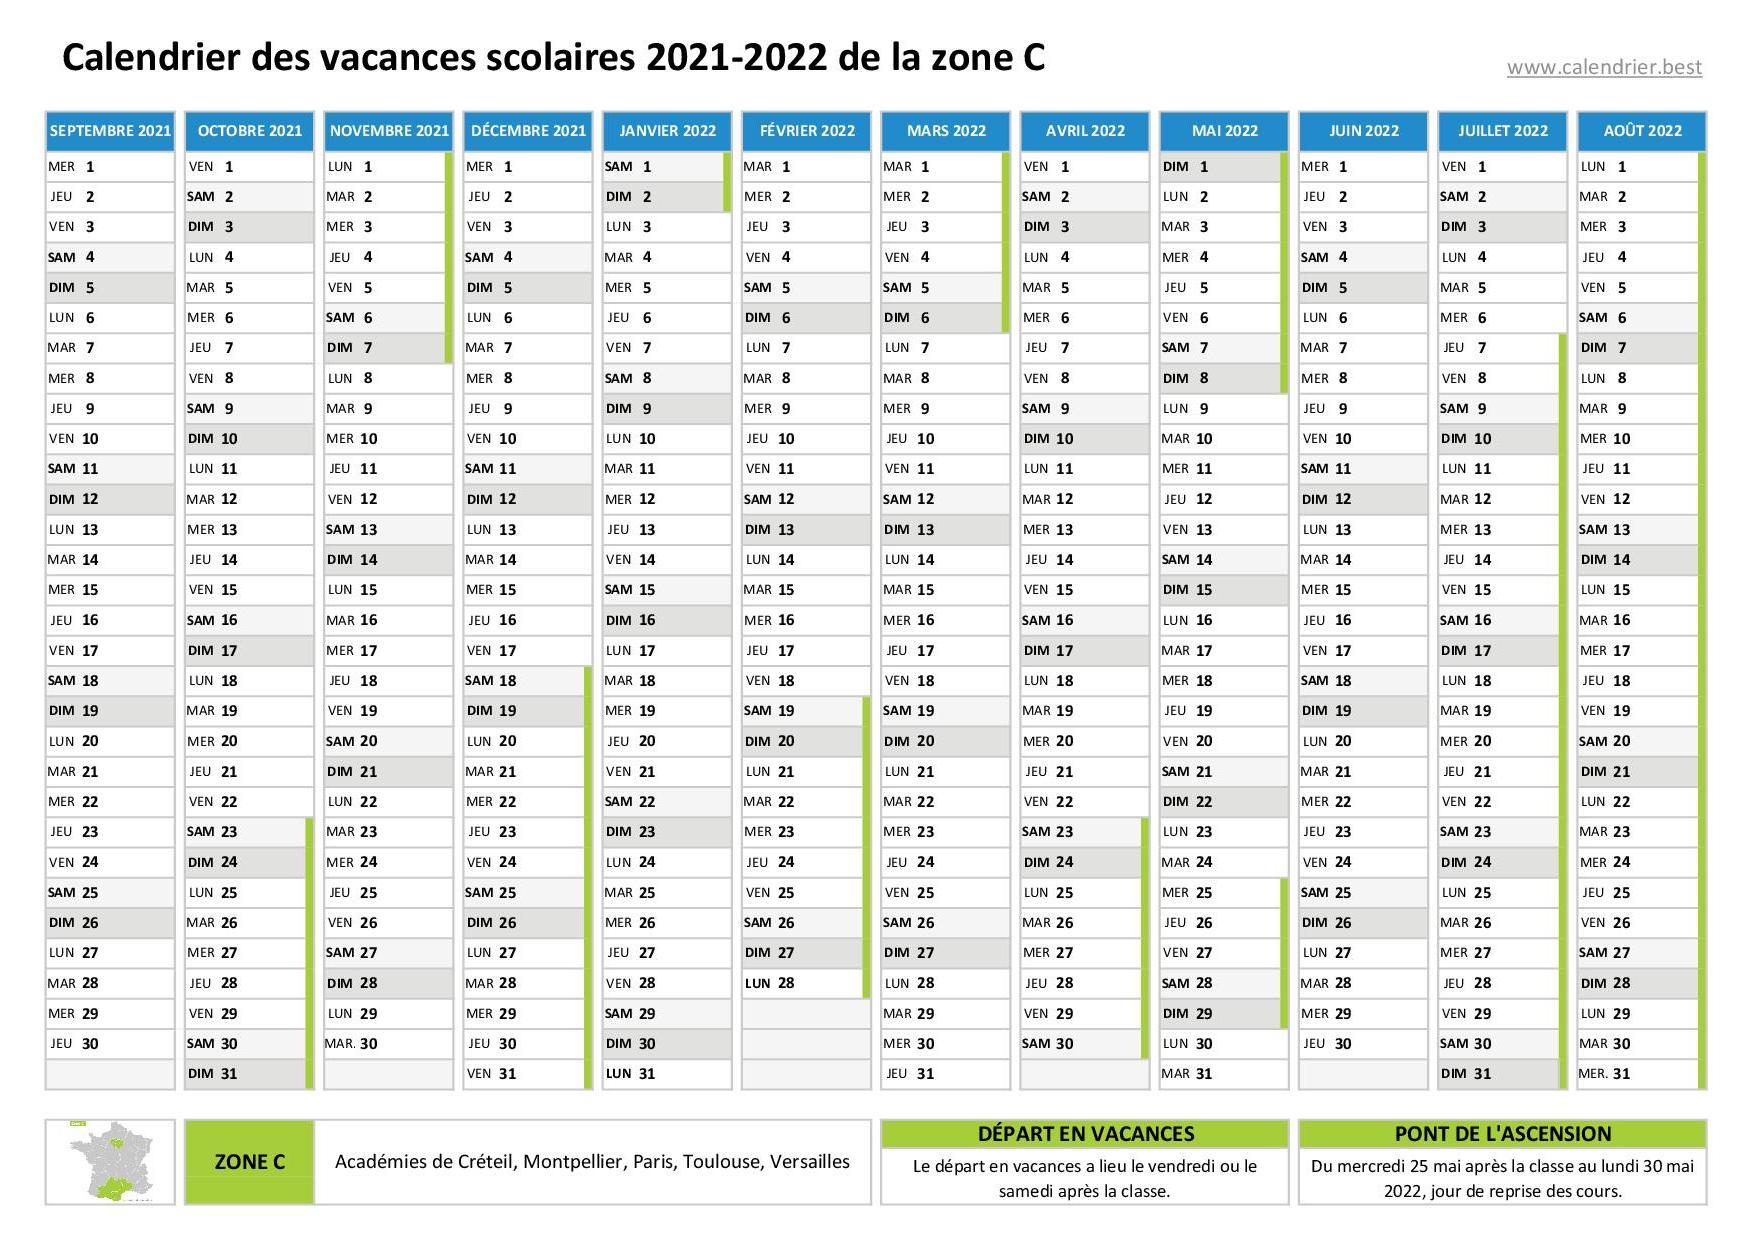 Calendrier Vacances Scolaires 2022 Zone C Vacances scolaires zone C   Calendrier scolaire 2020 2021 et 2021 2022